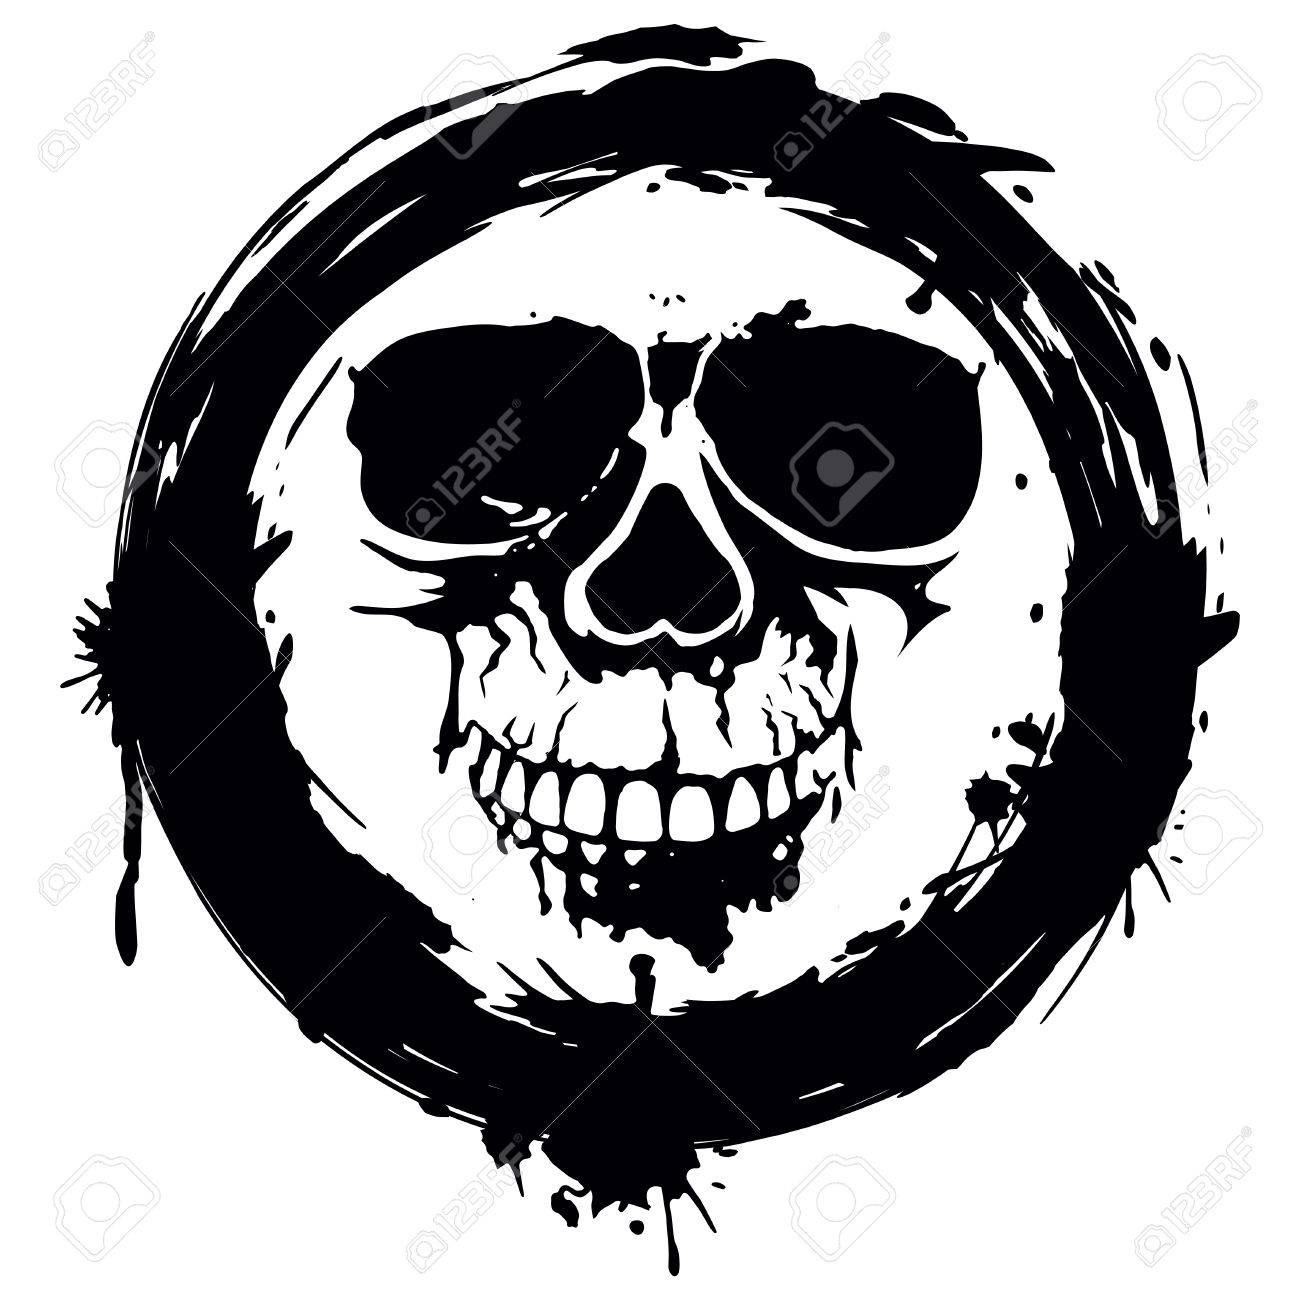 Illustration Grunge Skull In Frame For Tattoo Or T-shirt Design ...